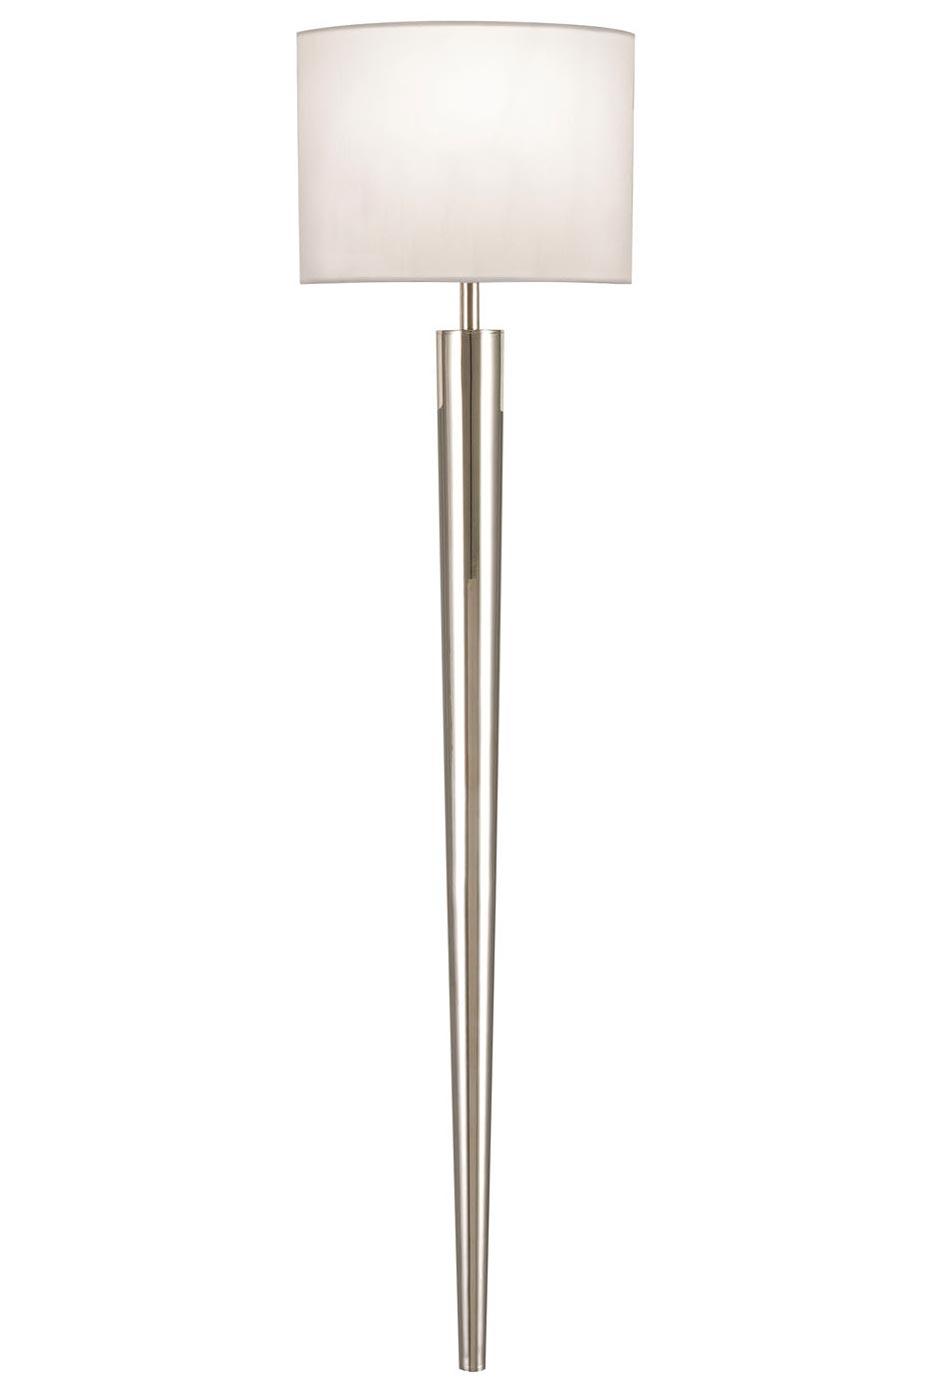 Applique fine Grosvenor Square finition nickel poli. Fine Art Lamps.